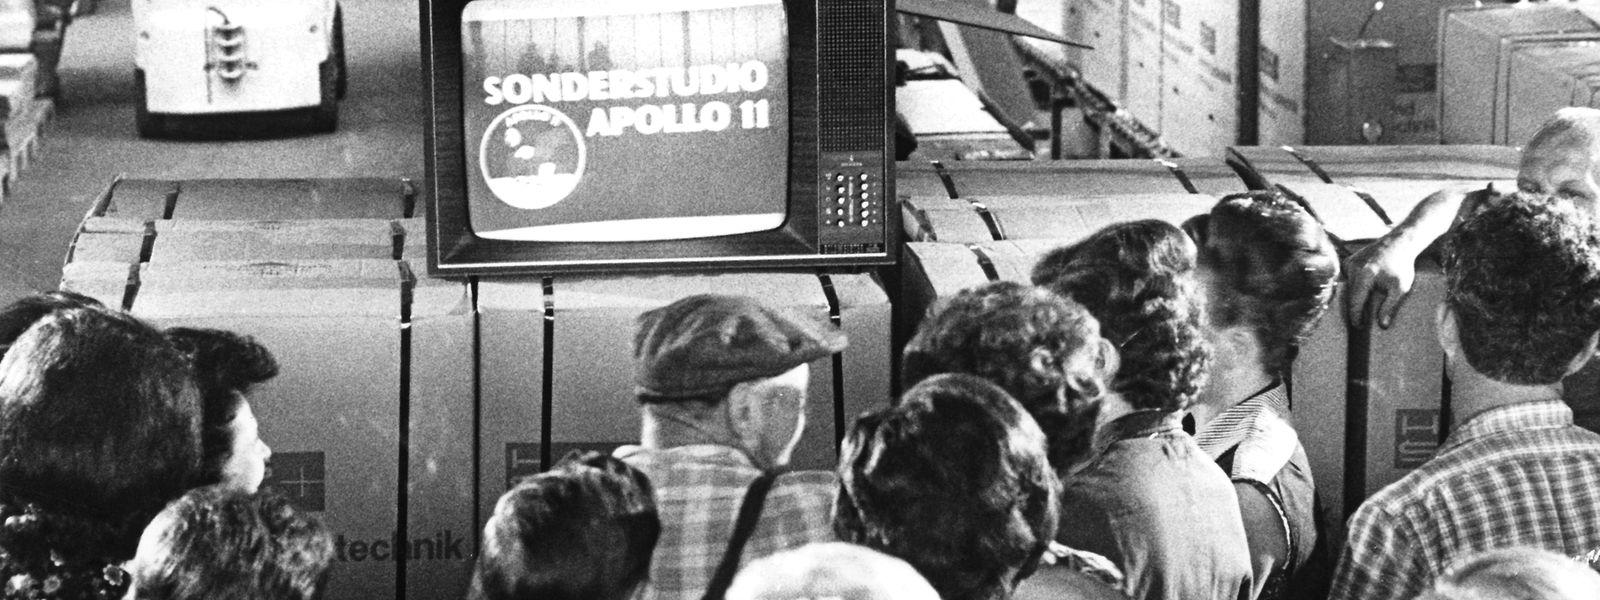 Die Mondlandung war auch als Medienereignis eine große Nummer. Manche blieben dafür die ganze Nacht wach. Auch die Sender waren im Ausnahmezustand.